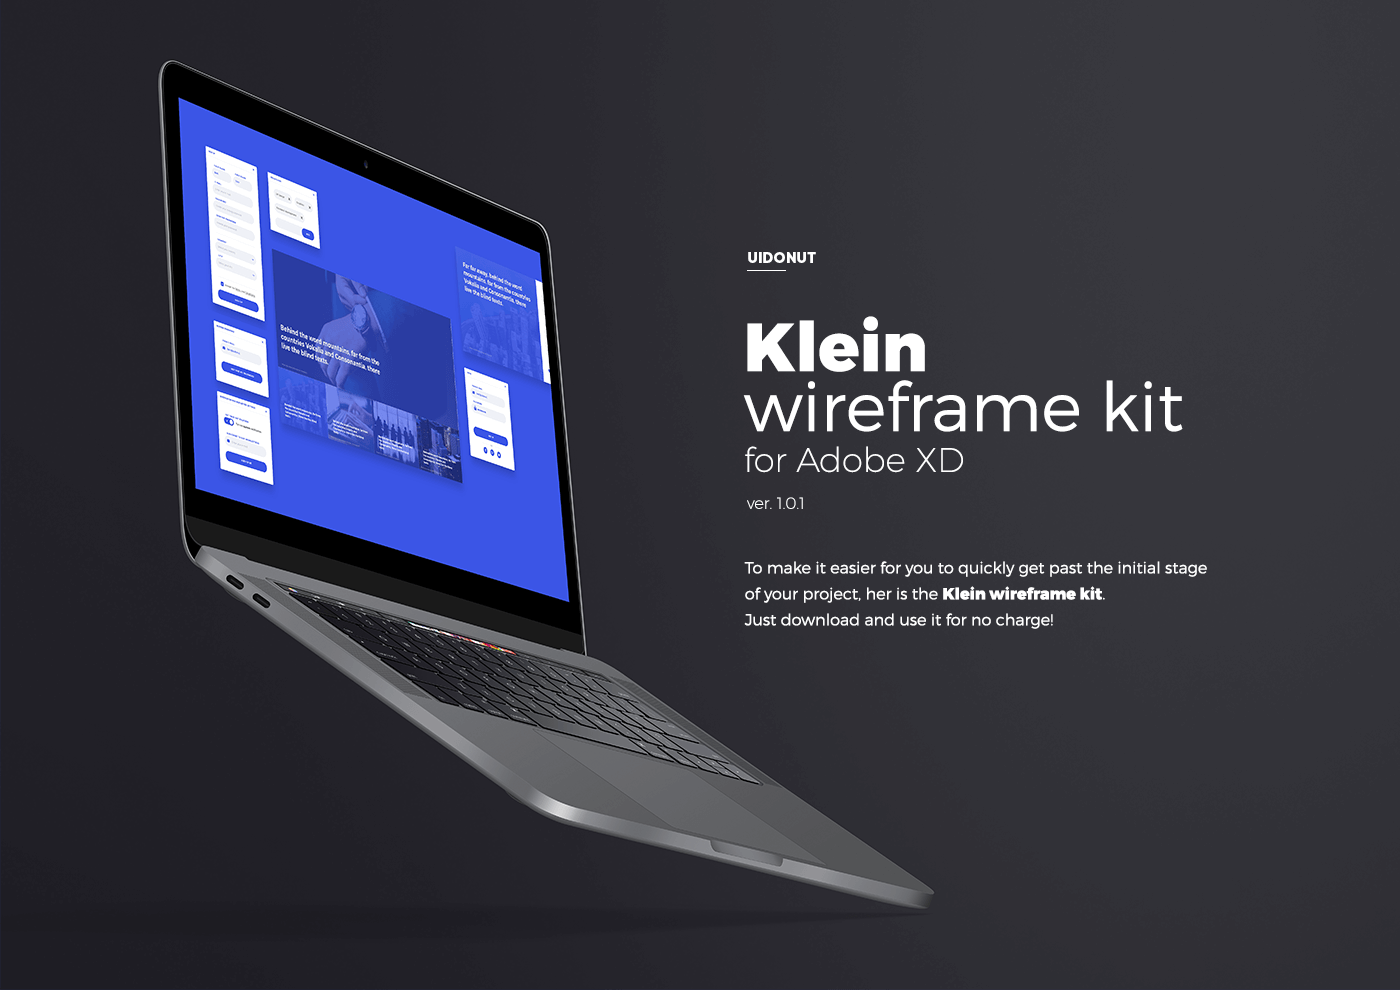 Klein wireframe kit for Adobe XD - Free on Behance